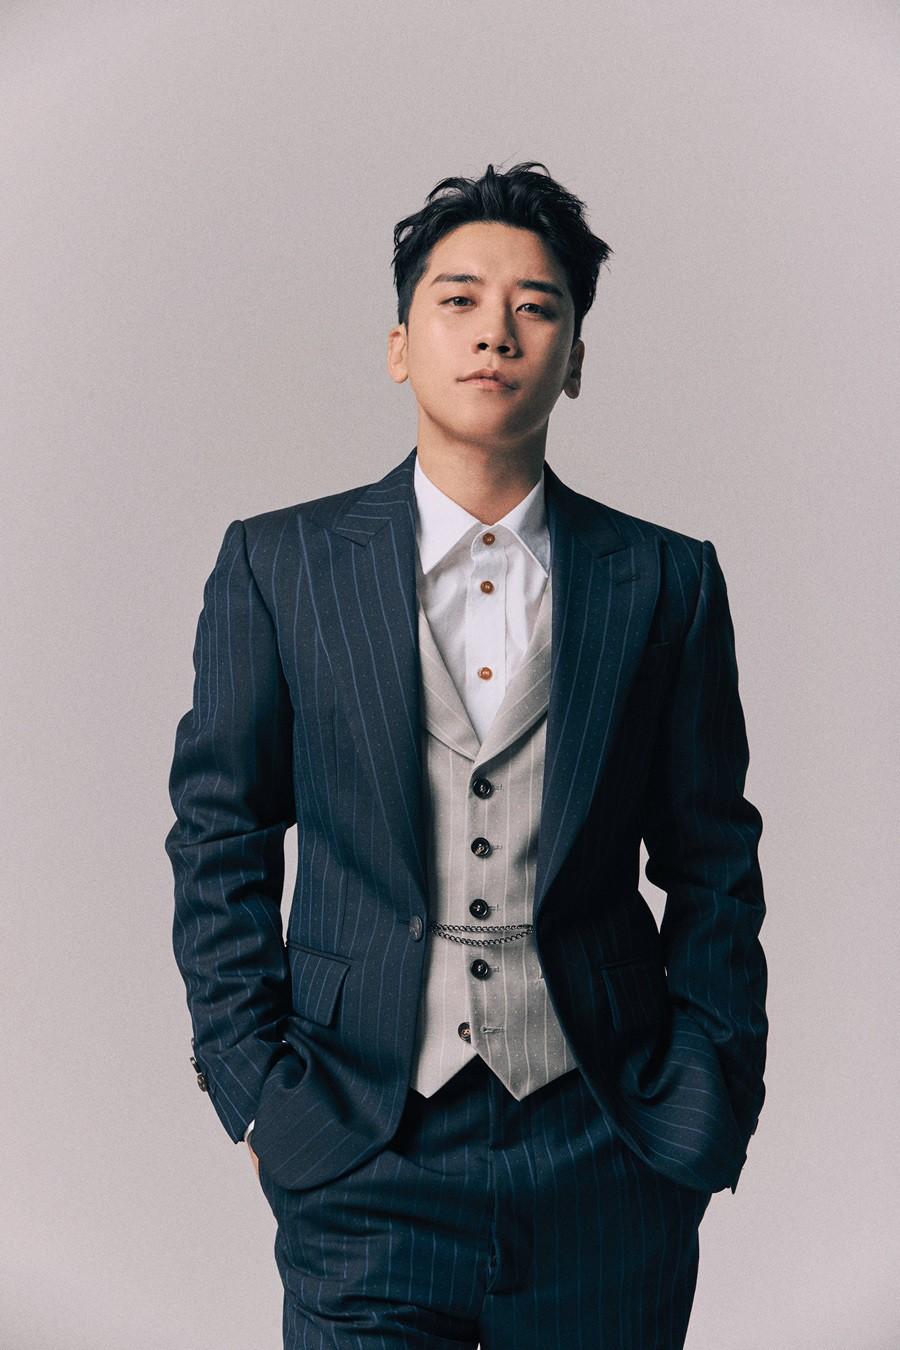 Seungri rời nhóm: Nước cờ để bảo vệ thương hiệu BIGBANG? - Ảnh 1.